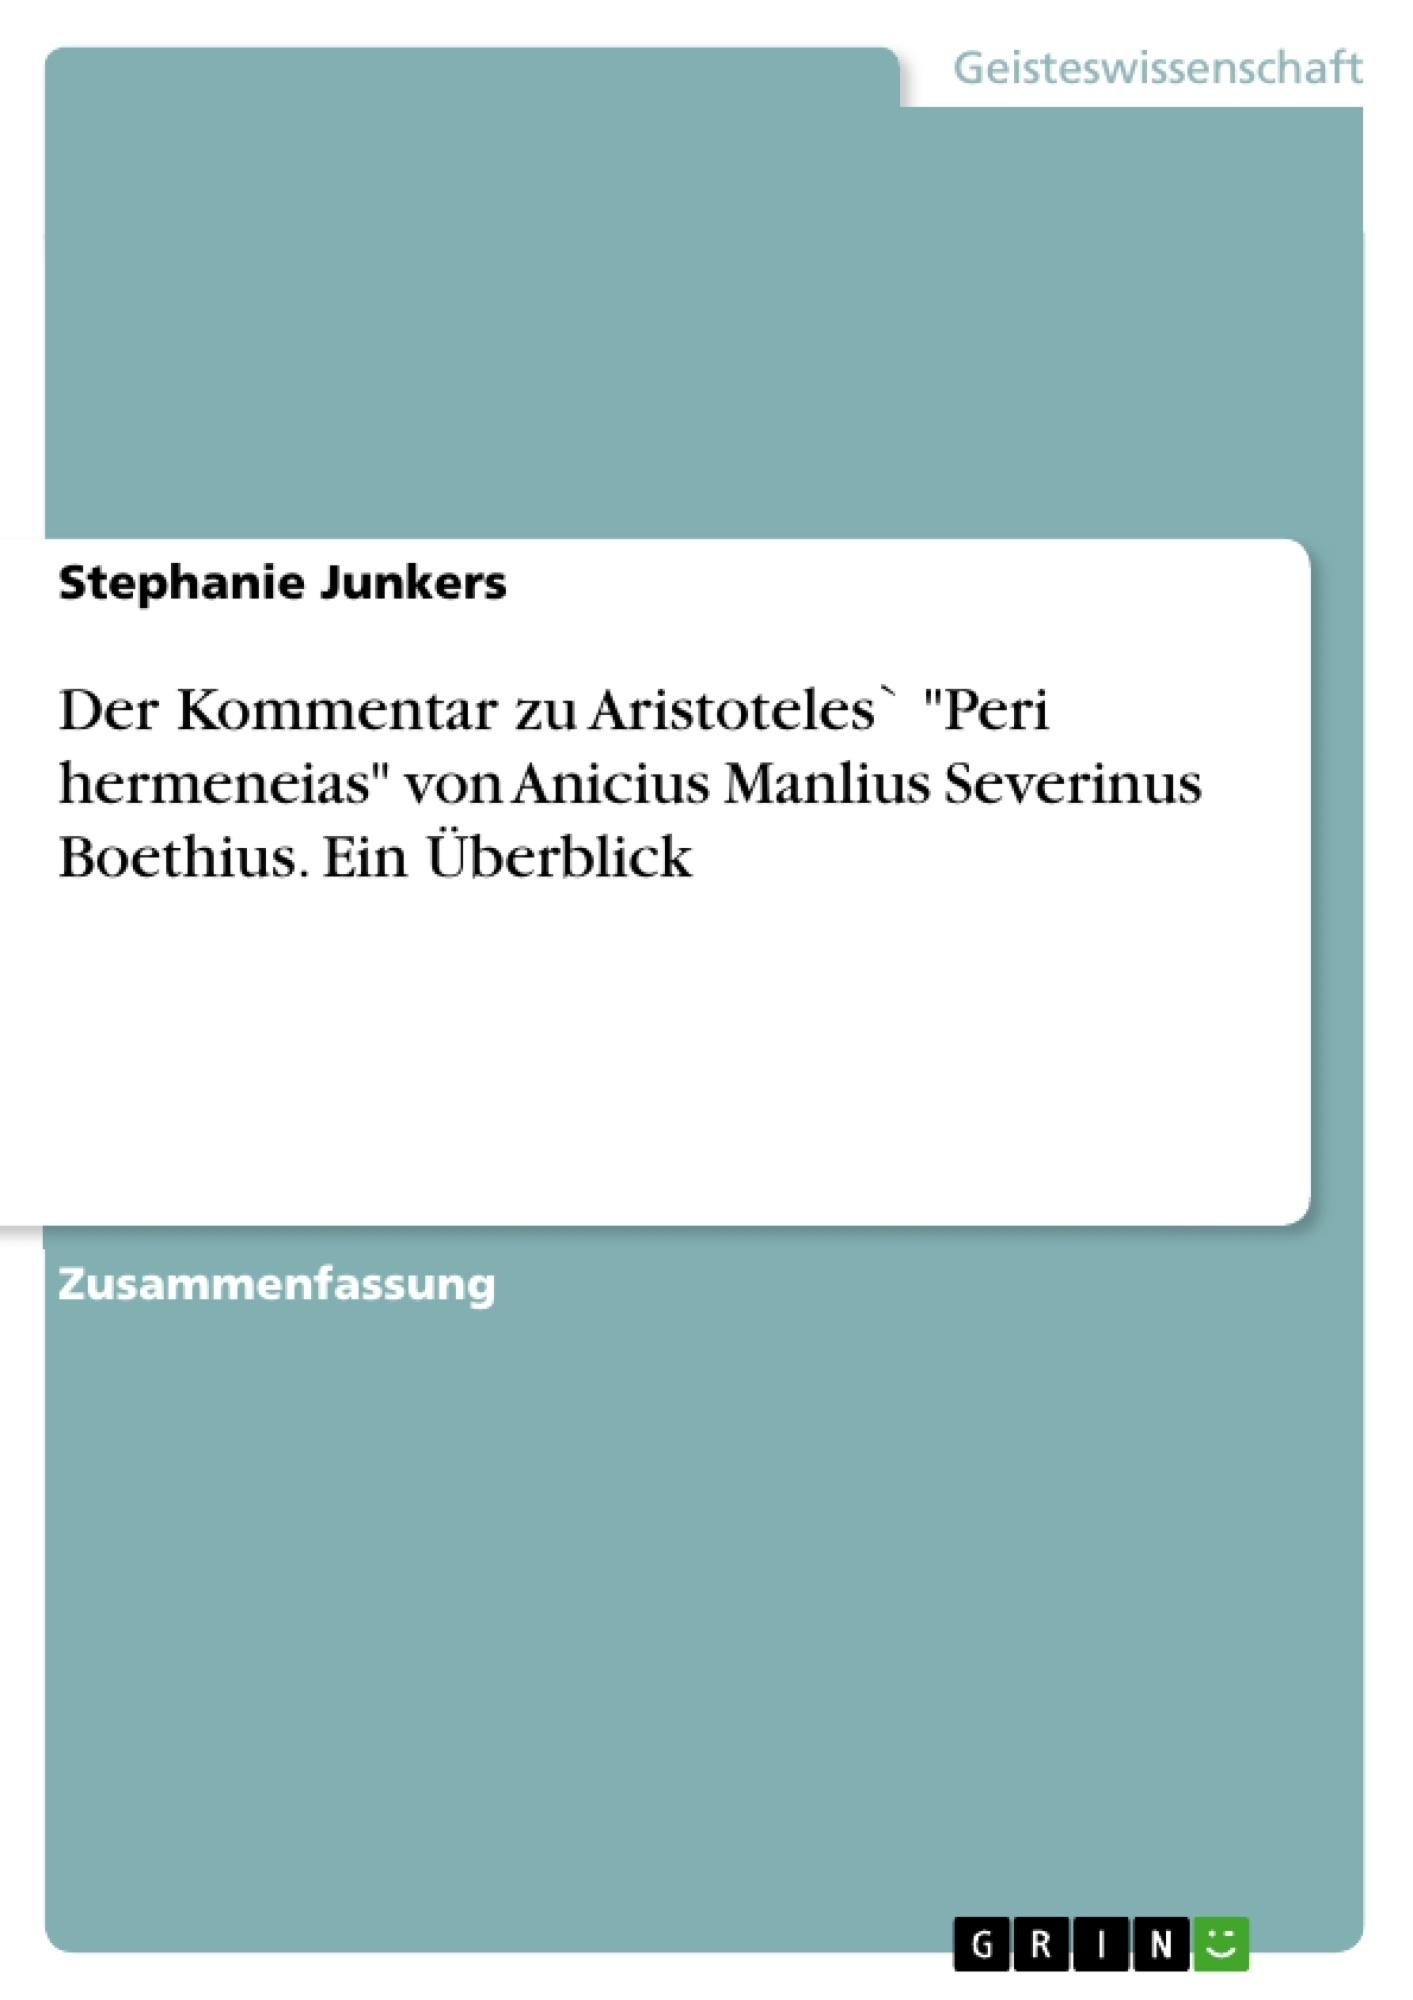 """Titel: Der Kommentar zu Aristoteles` """"Peri hermeneias"""" von Anicius Manlius Severinus Boethius.  Ein Überblick"""